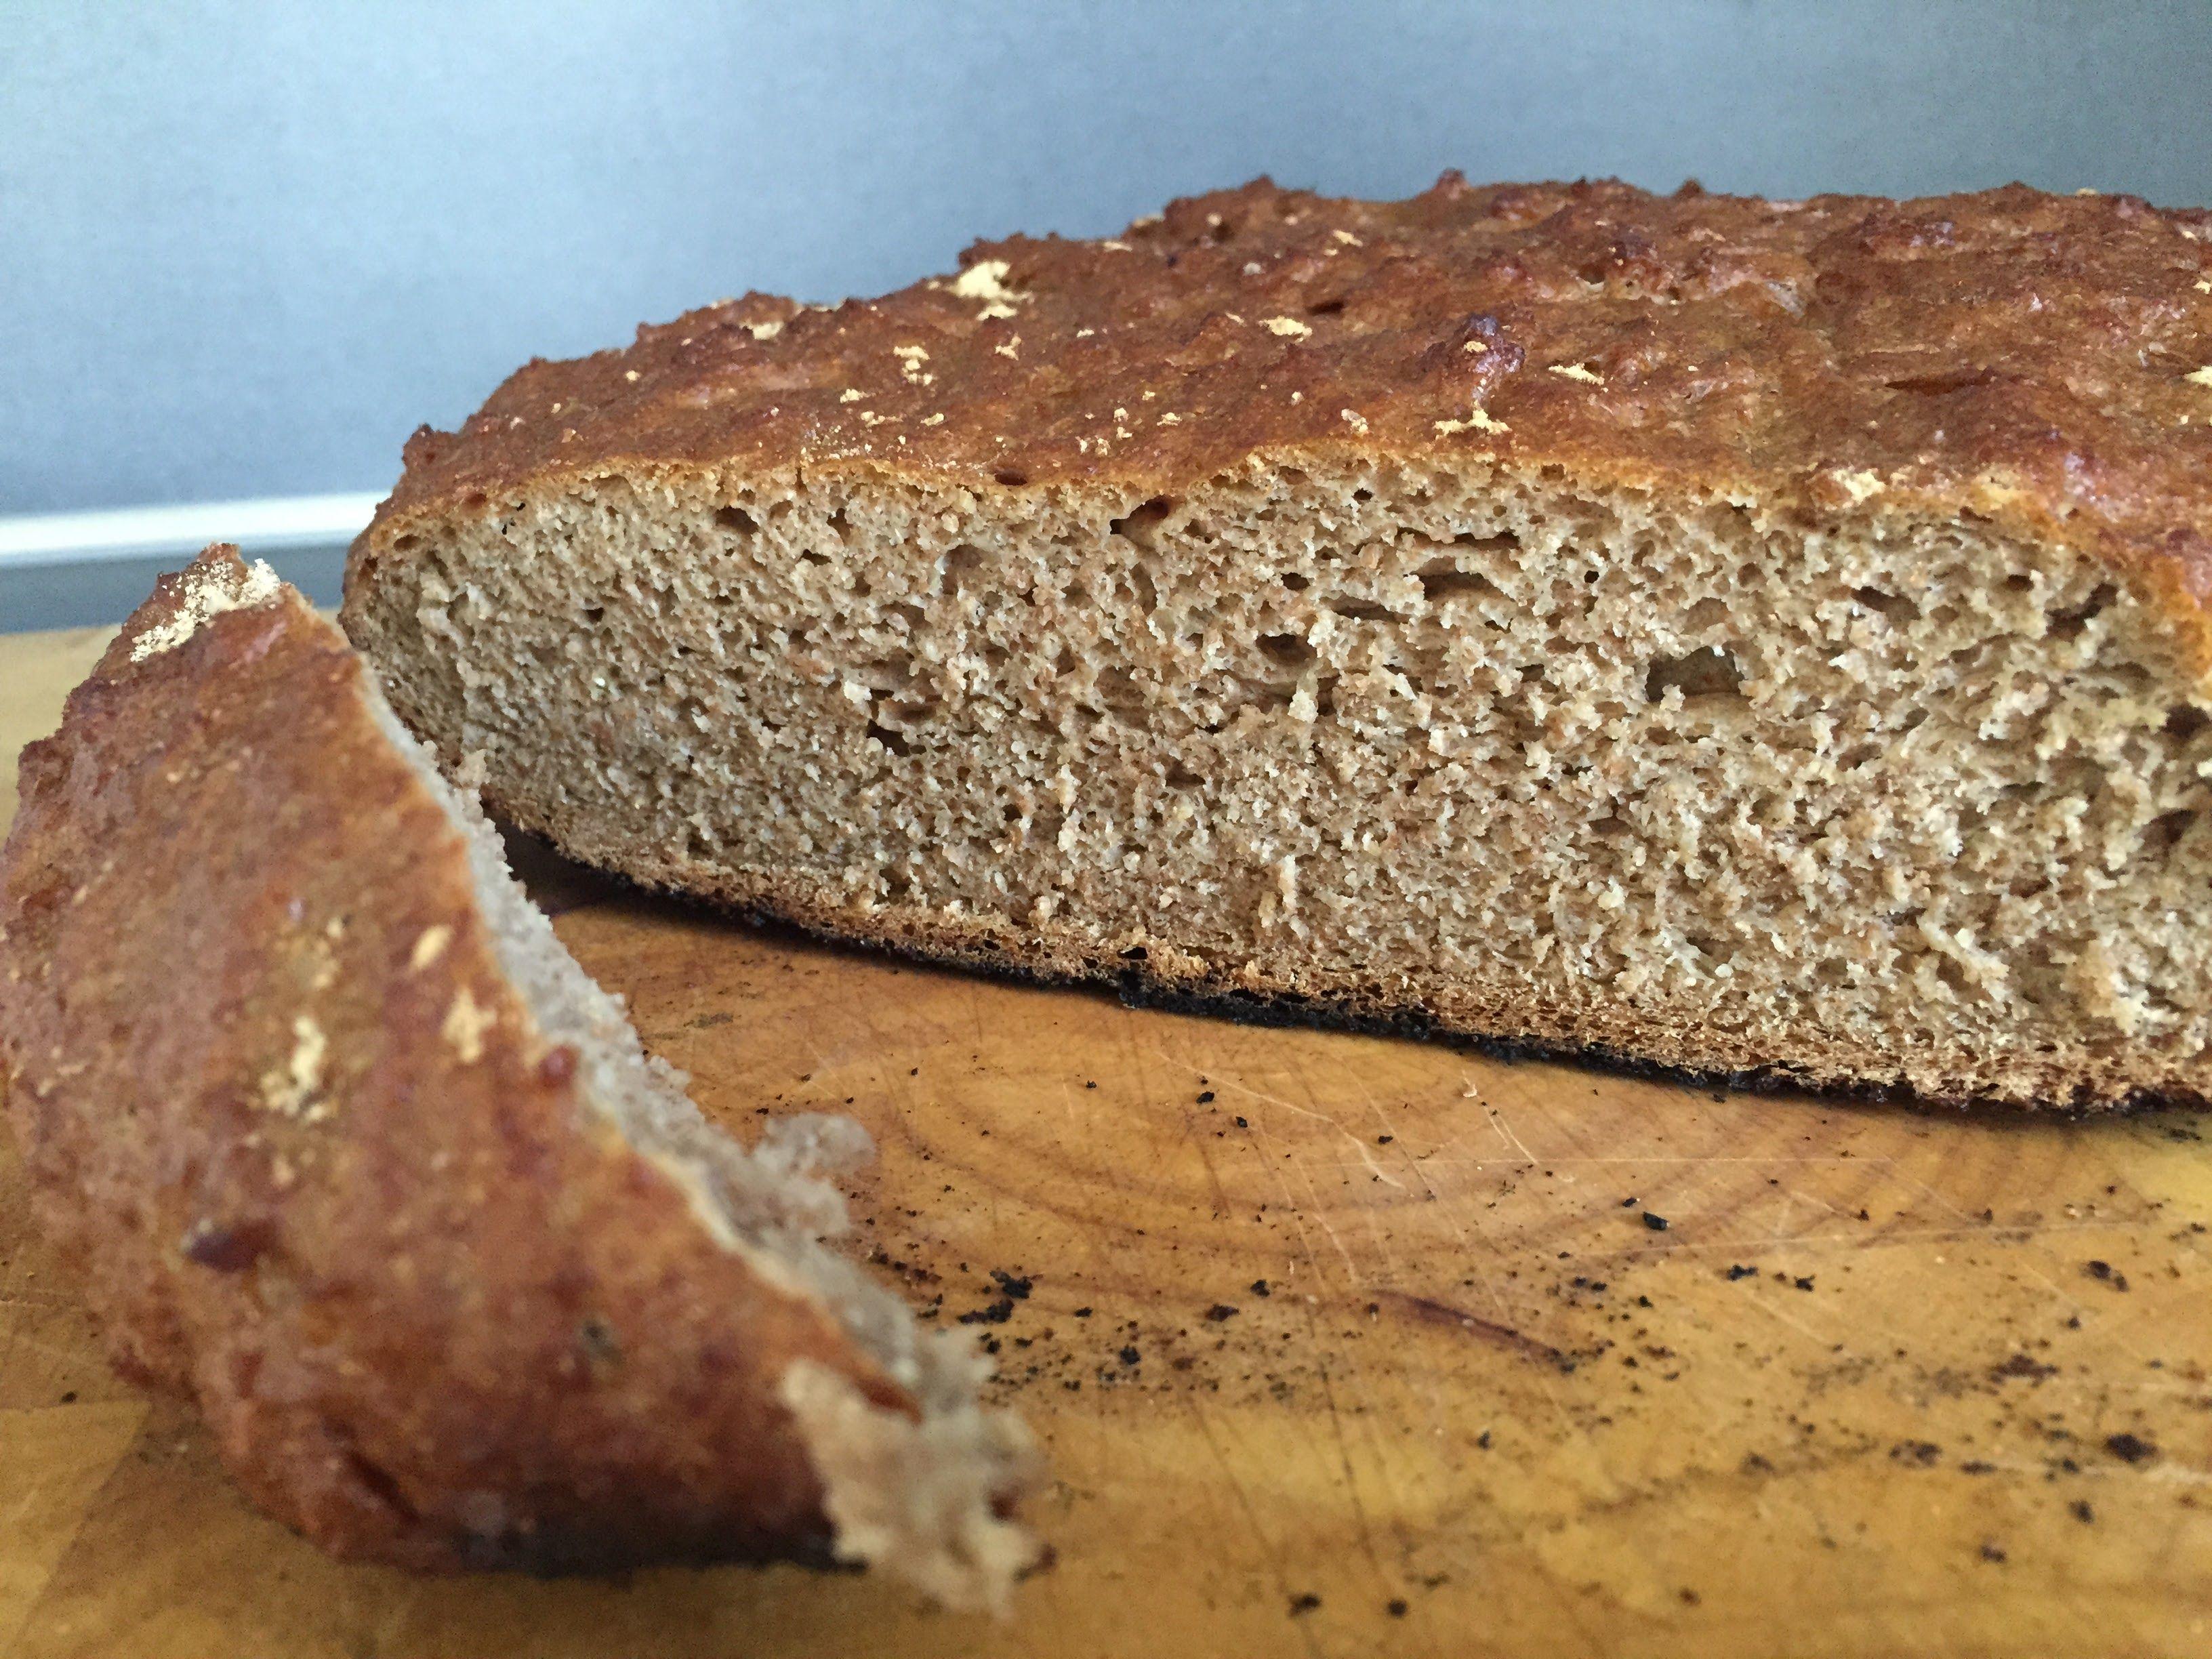 Vollkornbrot aus dem Dutch Oven ist schnell gemacht und schmeckt einfach lecker. Ihr könnt auch Trockenfrüchte wie Backpflaumen mit in den Teig geben.